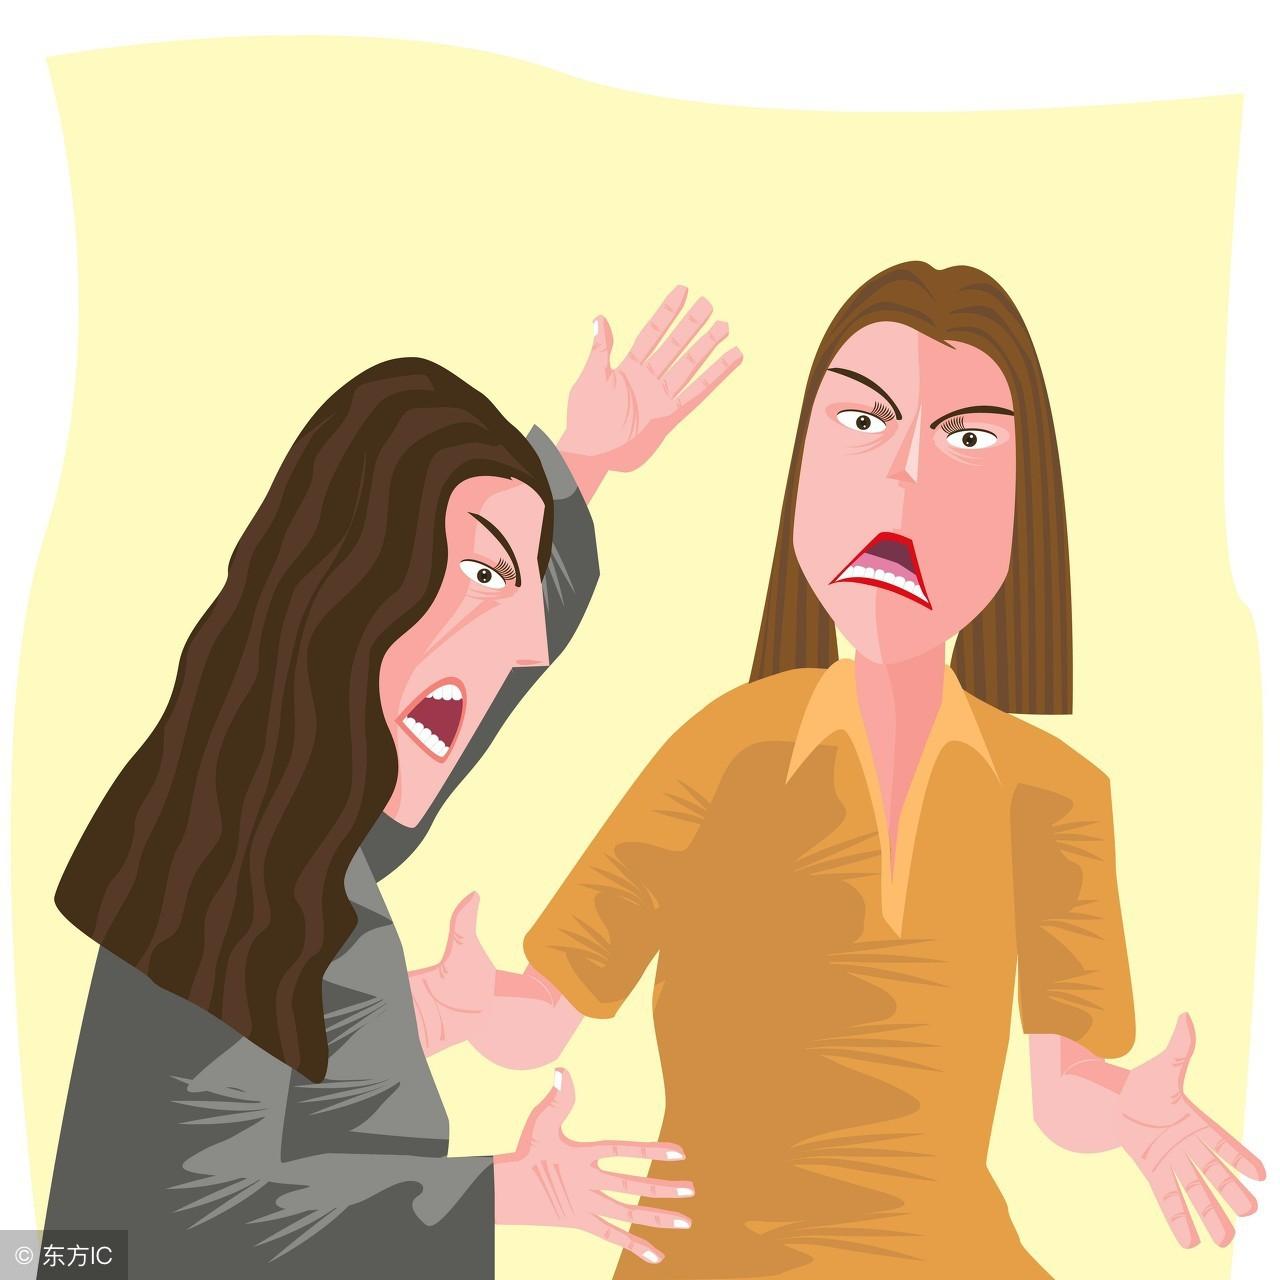 总抱怨婚姻不幸,但又不想离婚,有这3种解决办法